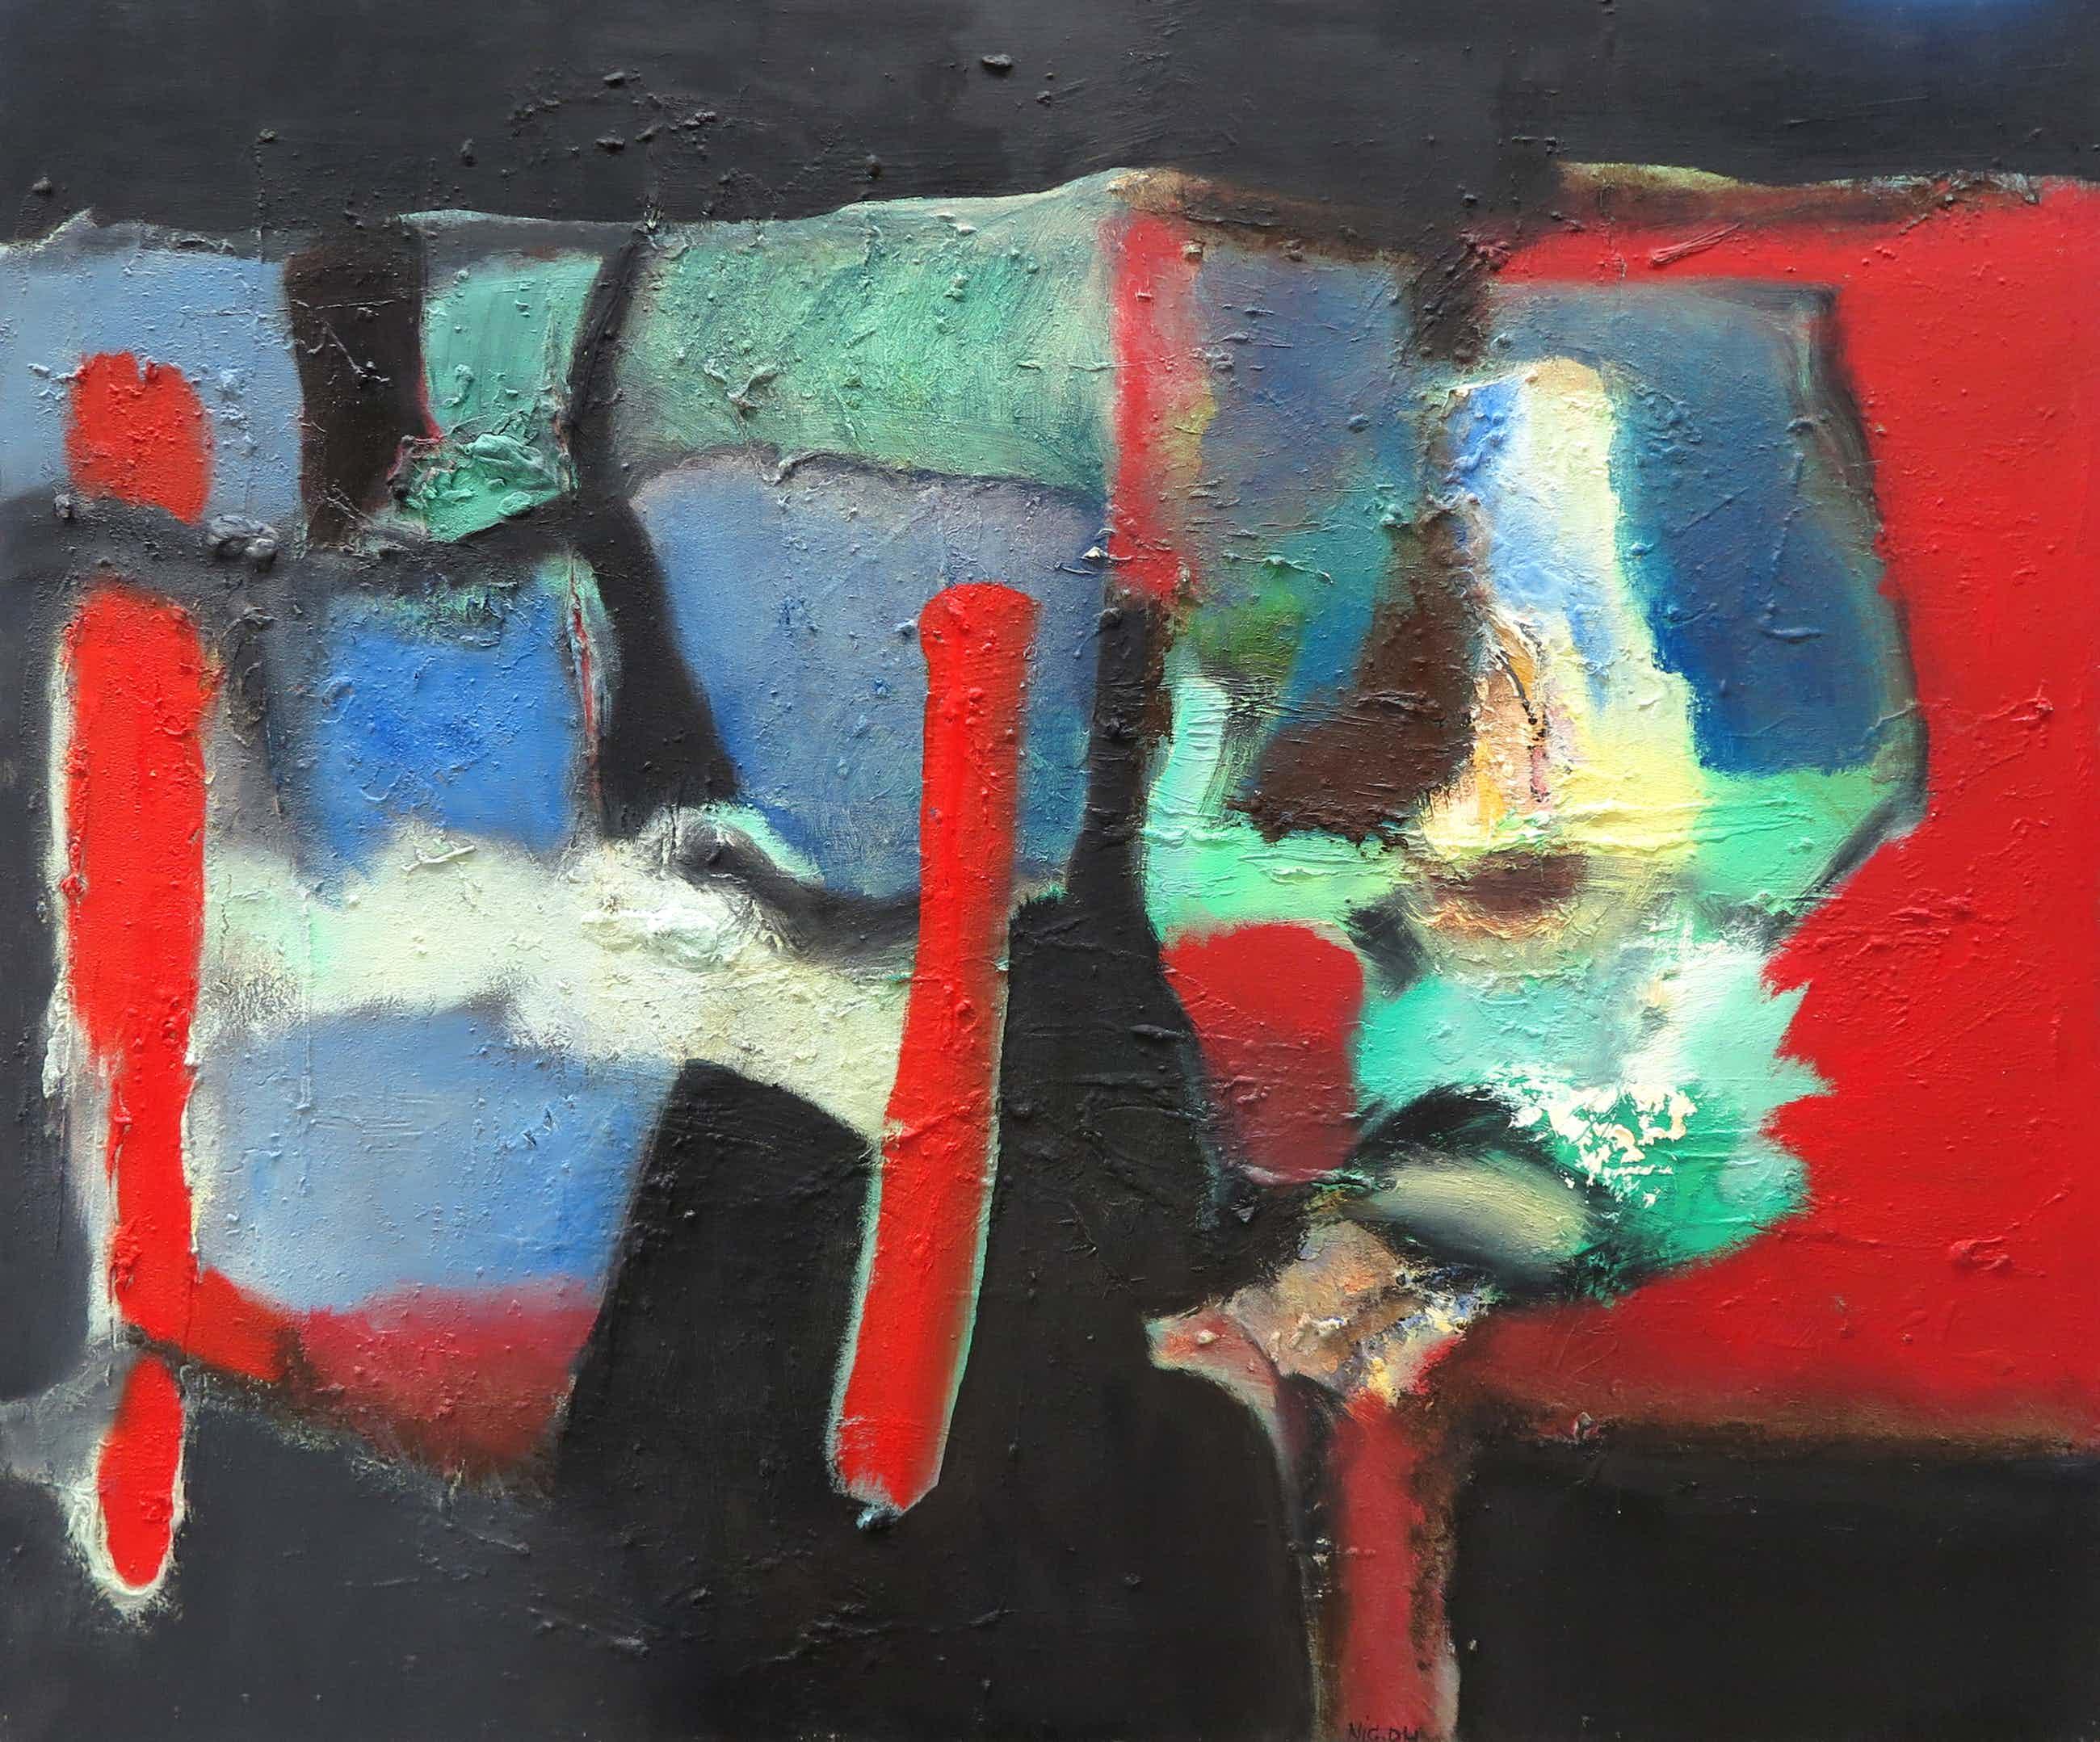 Frans Nicolai - Olieverf op doek, Abstracte compositie - Ingelijst kopen? Bied vanaf 125!